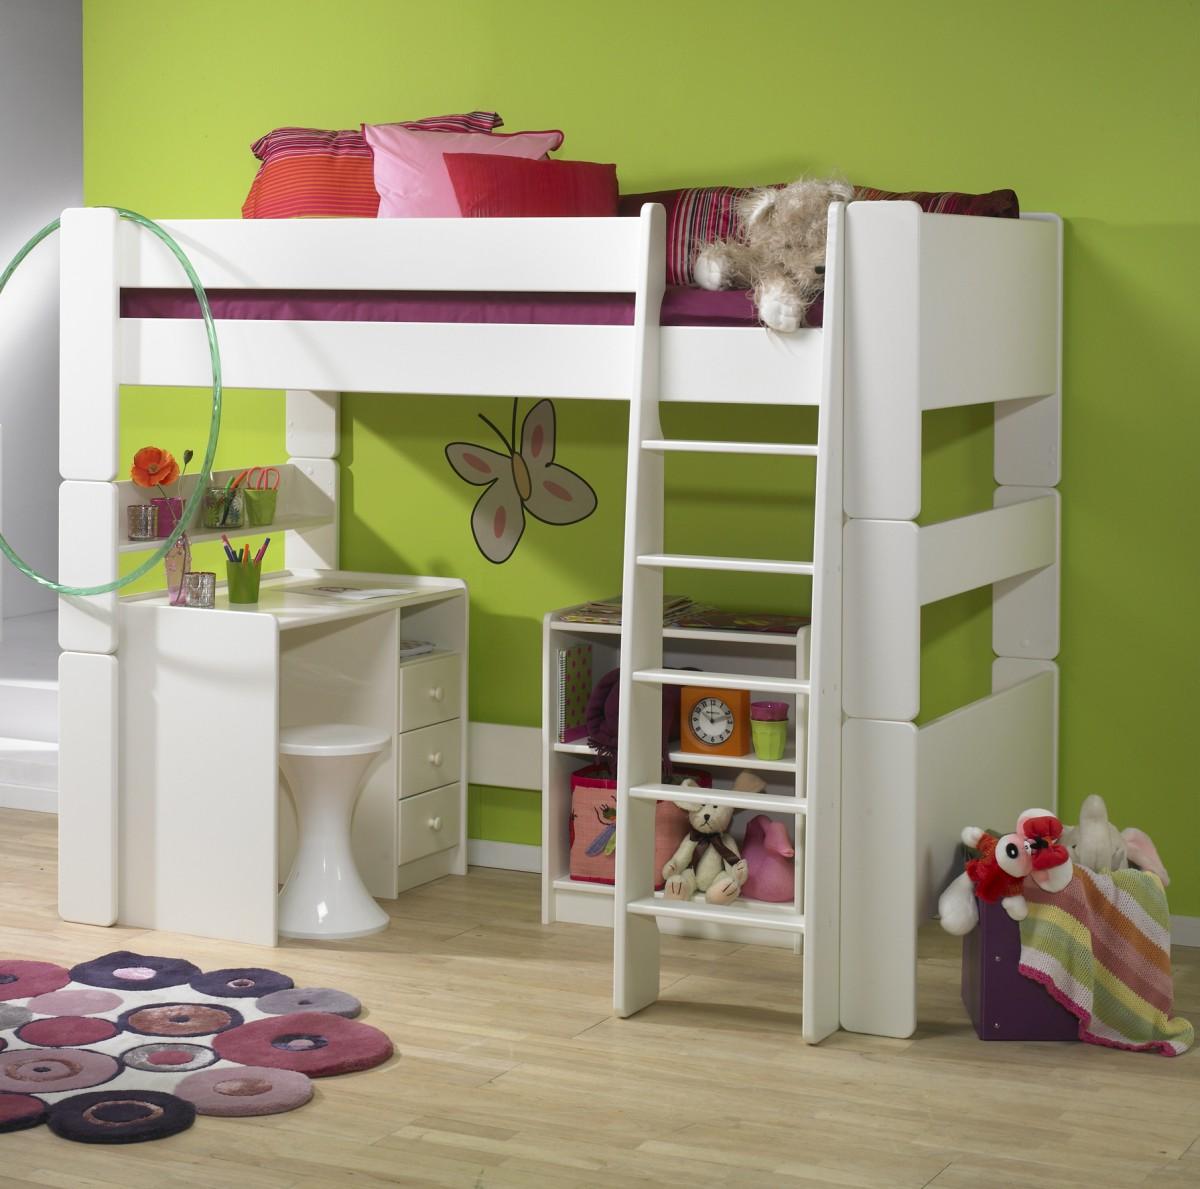 Full Size of Hochbett Kinderzimmer Set Mdf Wei Lackiert Bett Schreibtisch Sofa Regal Regale Weiß Kinderzimmer Hochbett Kinderzimmer